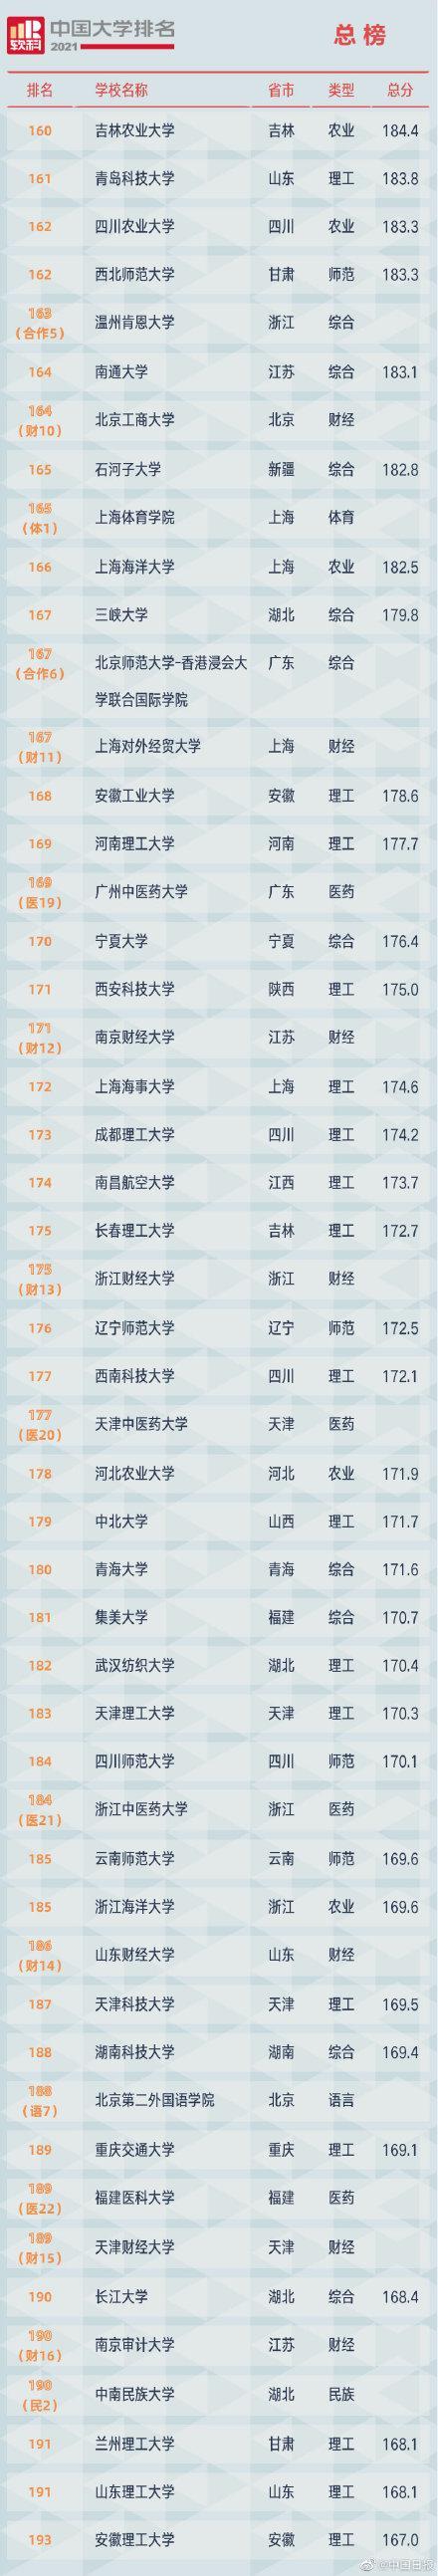 2021软科中国大学排名发布 全球新闻风头榜 第5张